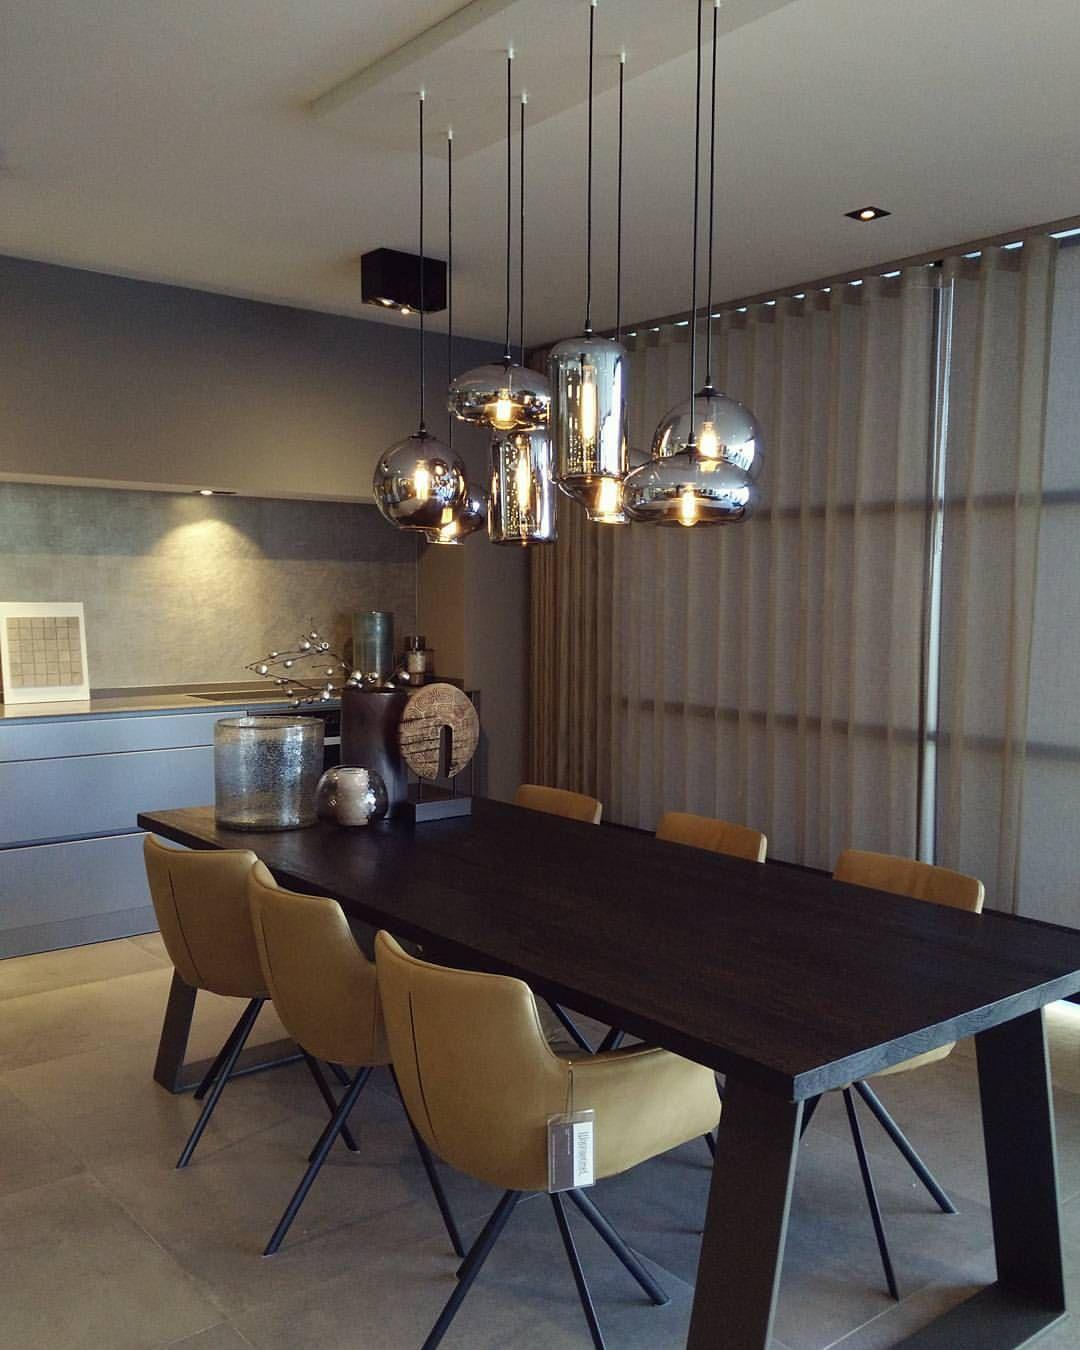 sfeer in onze showroom #interieurdesign #instaliving